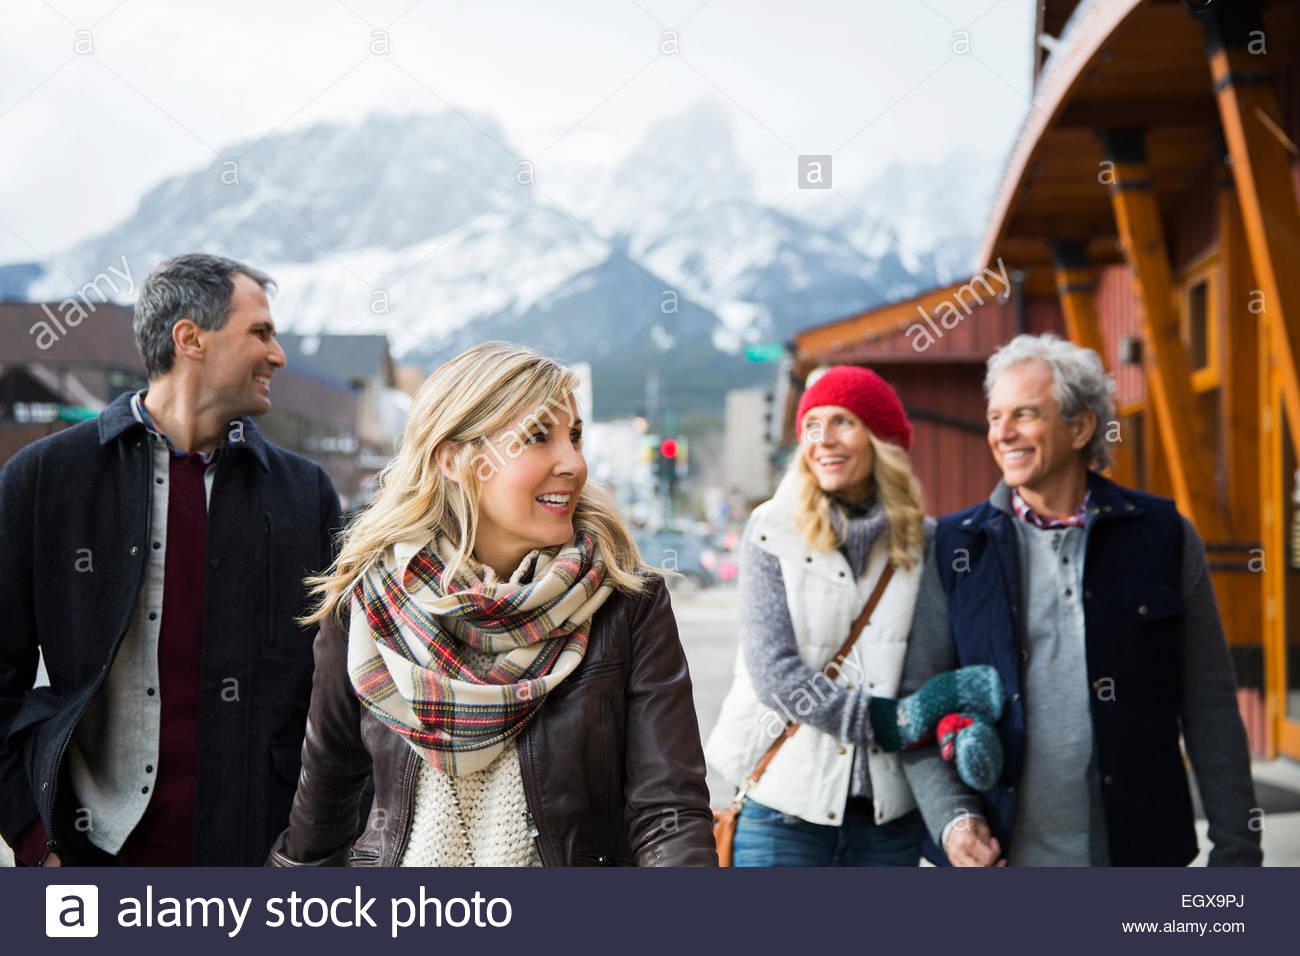 Des couples marchant le long des devantures Photo Stock